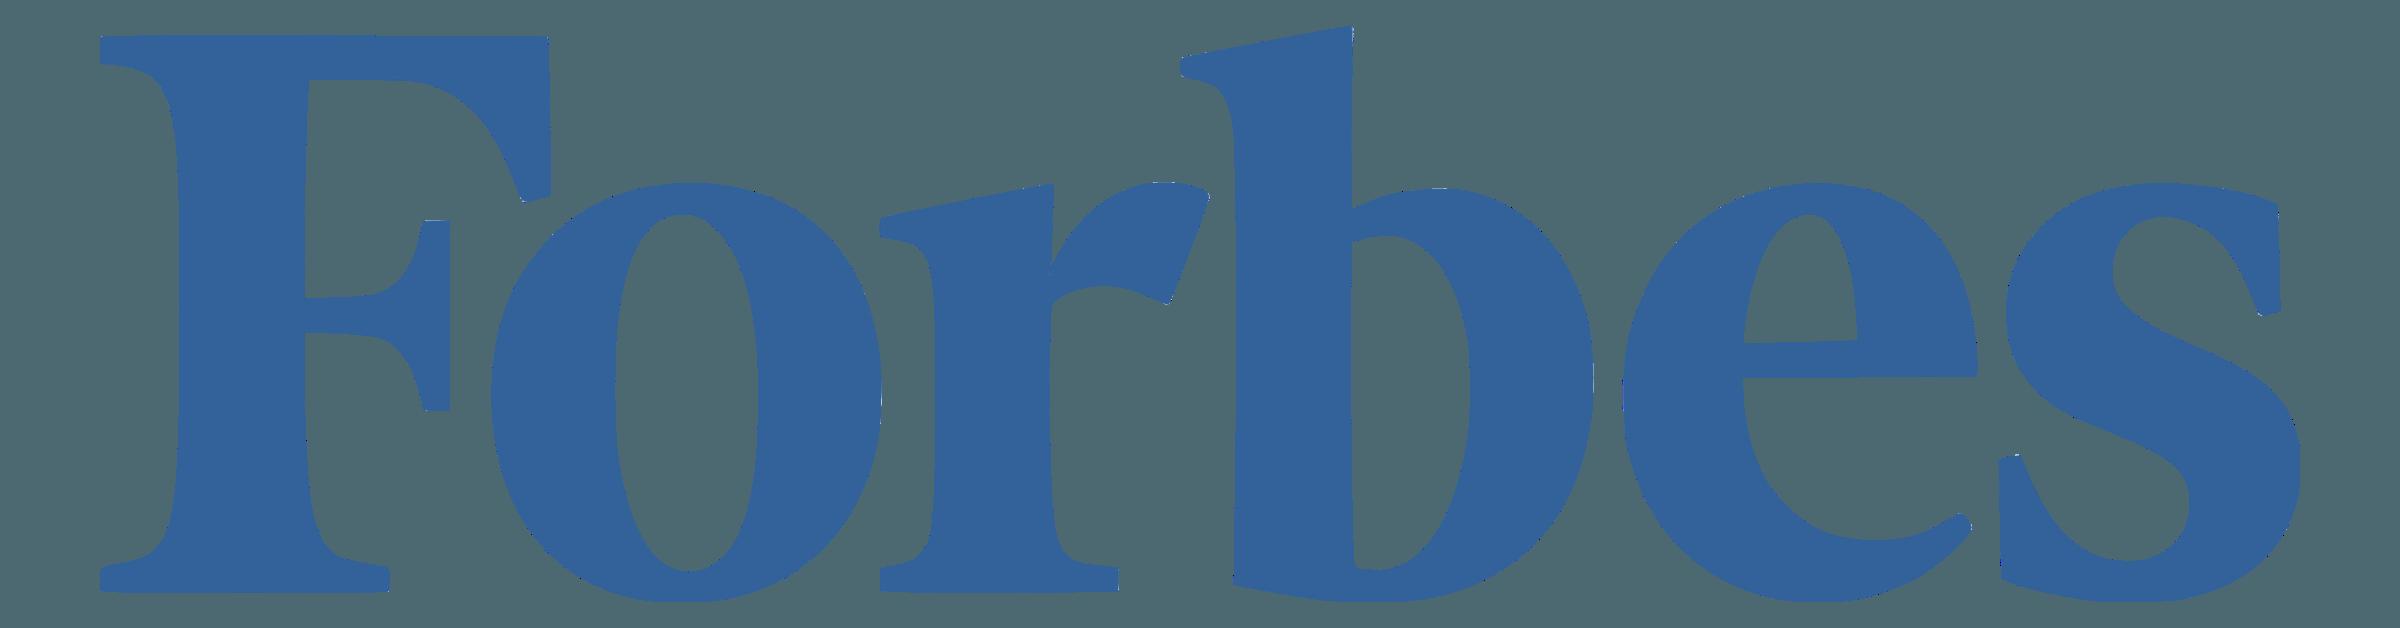 Forbes Logo PNG Transparent & SVG Vector.